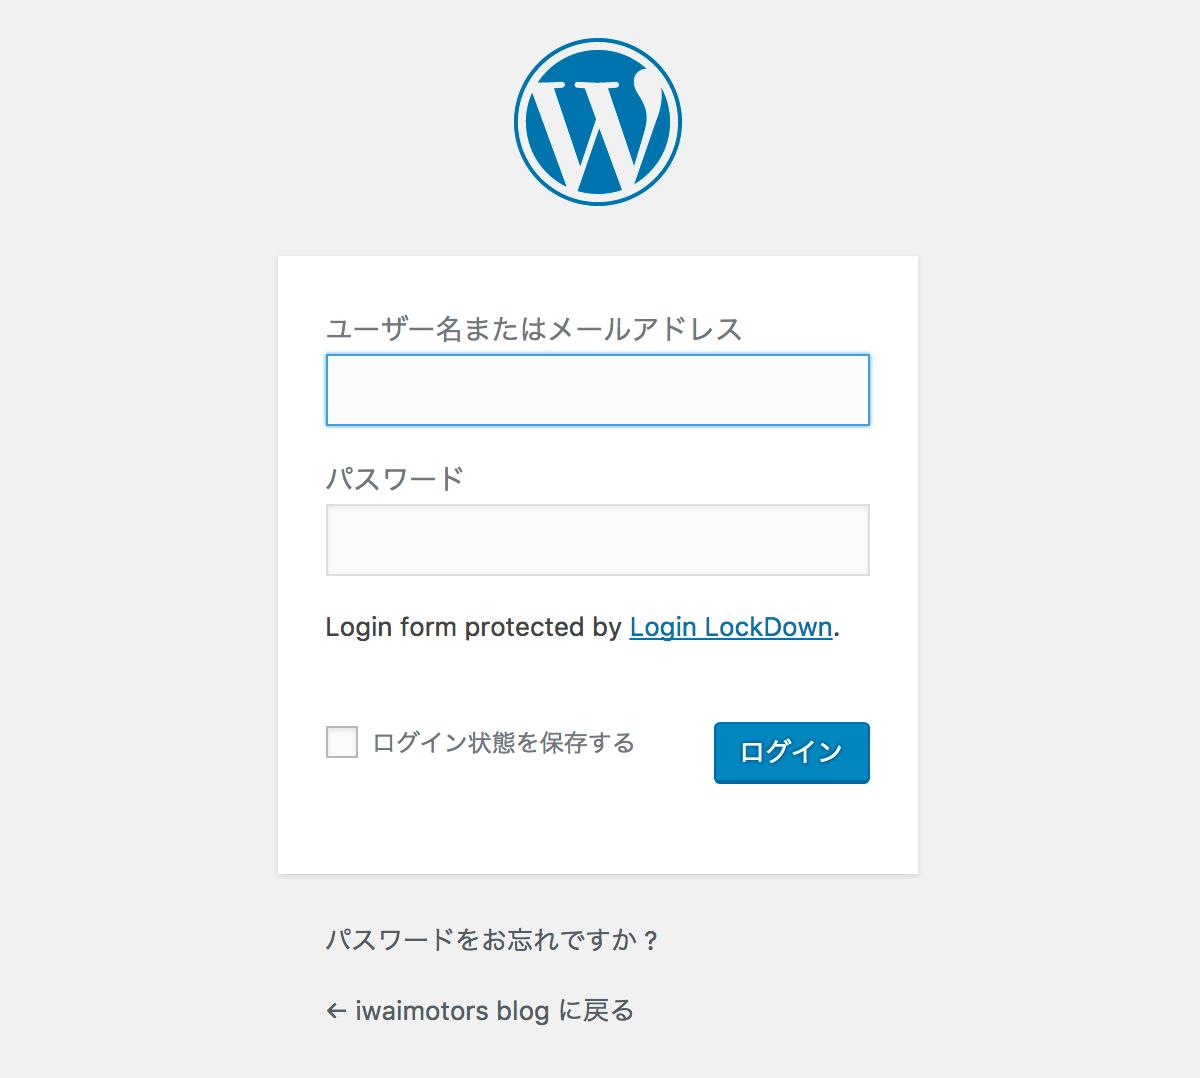 WordPressが攻撃されたようなので原因と対策を考えてみた